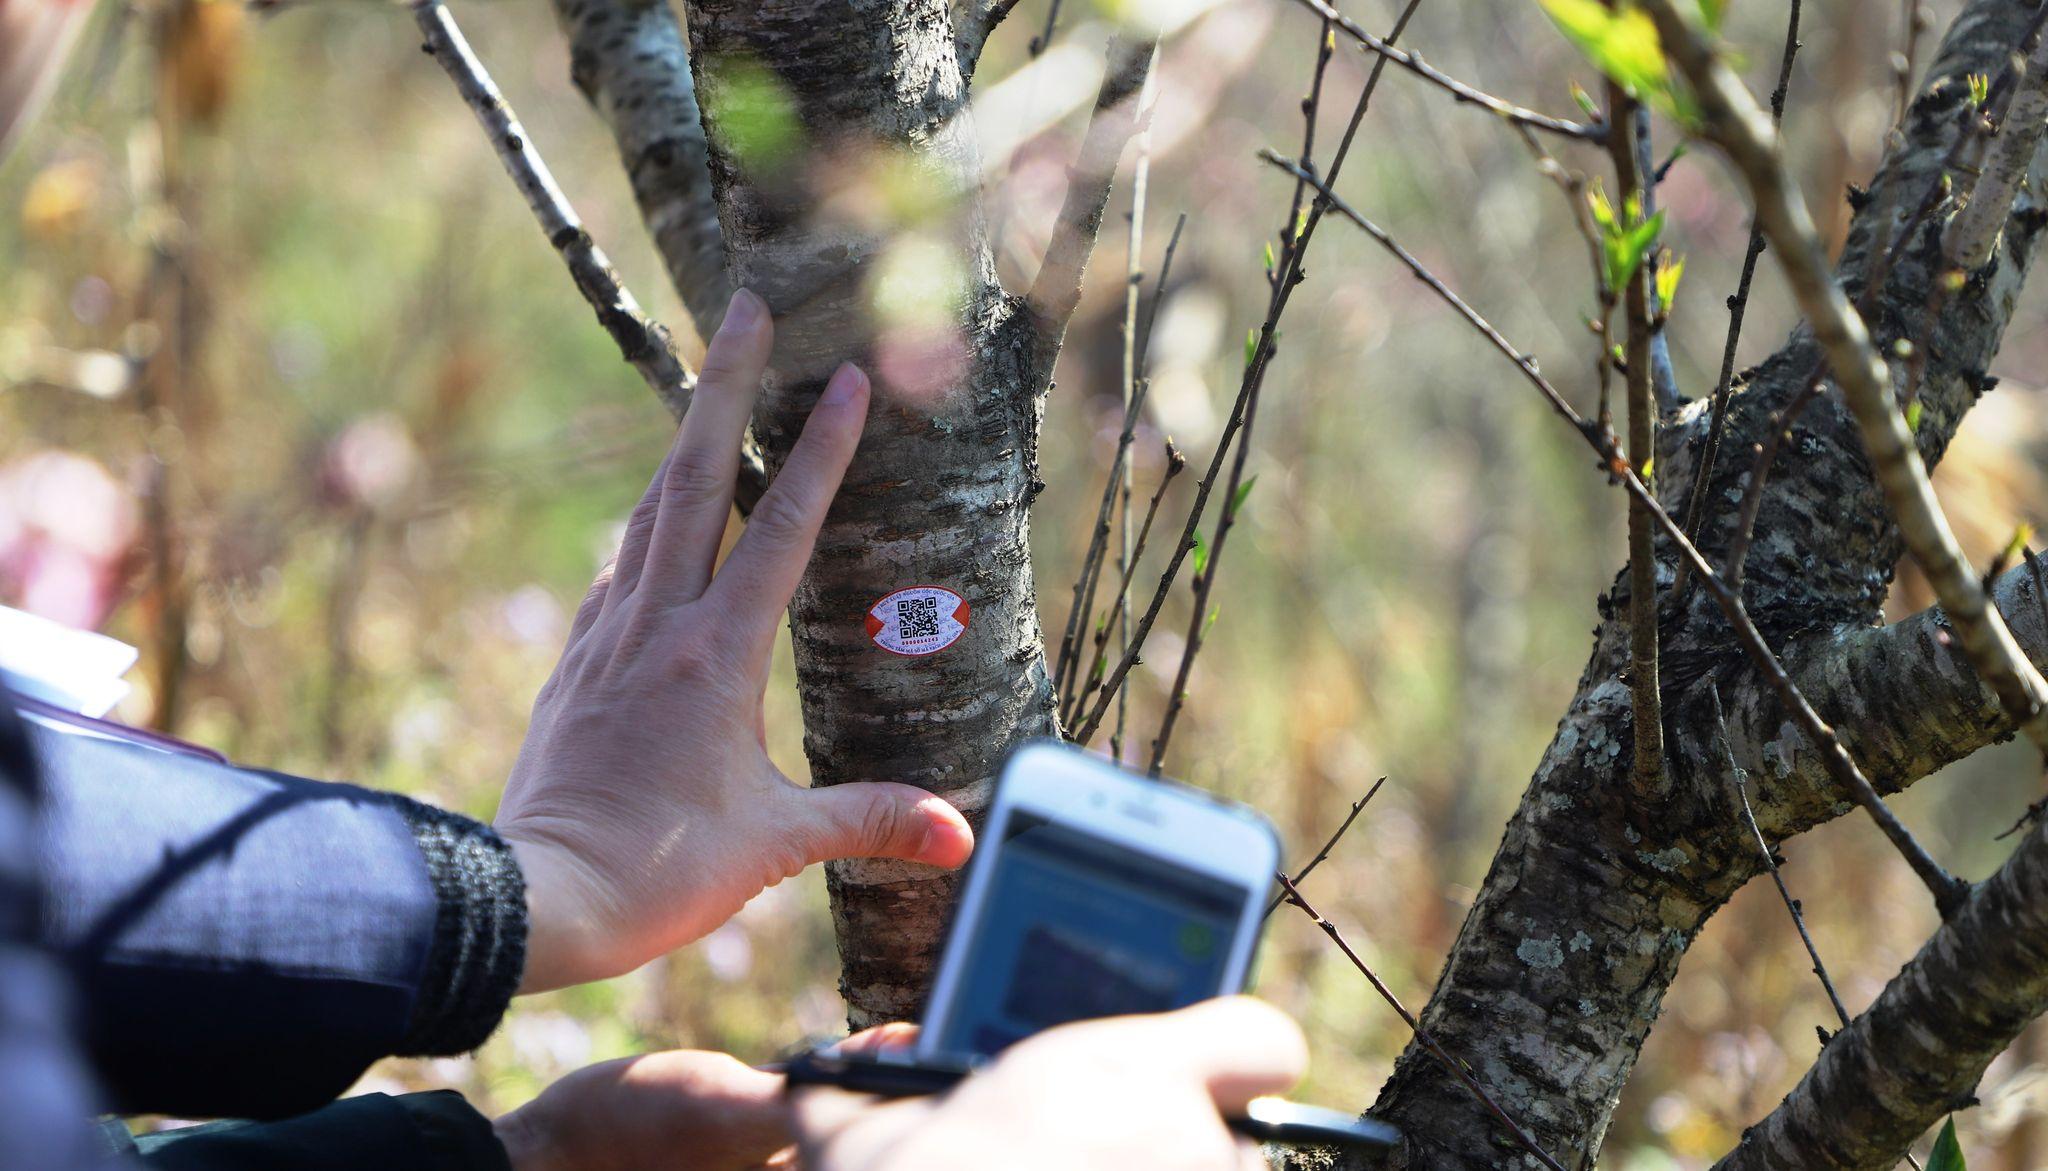 Bộ KH&CN chủ trì, phối hợp triển khai truy xuất nguồn gốc cây đào